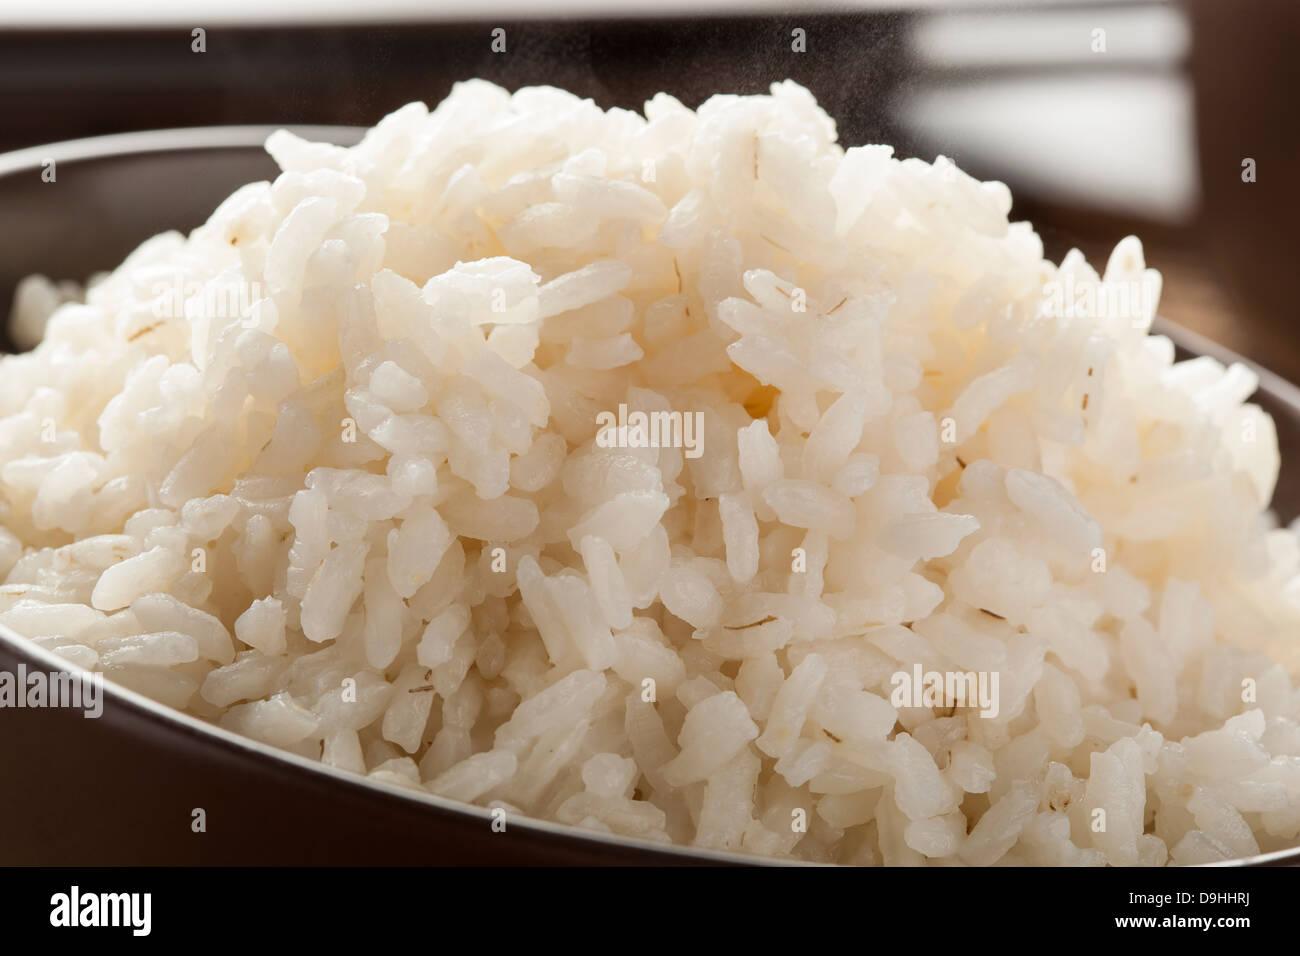 Schüssel mit Bio weisser Reis mit Stäbchen Stockbild